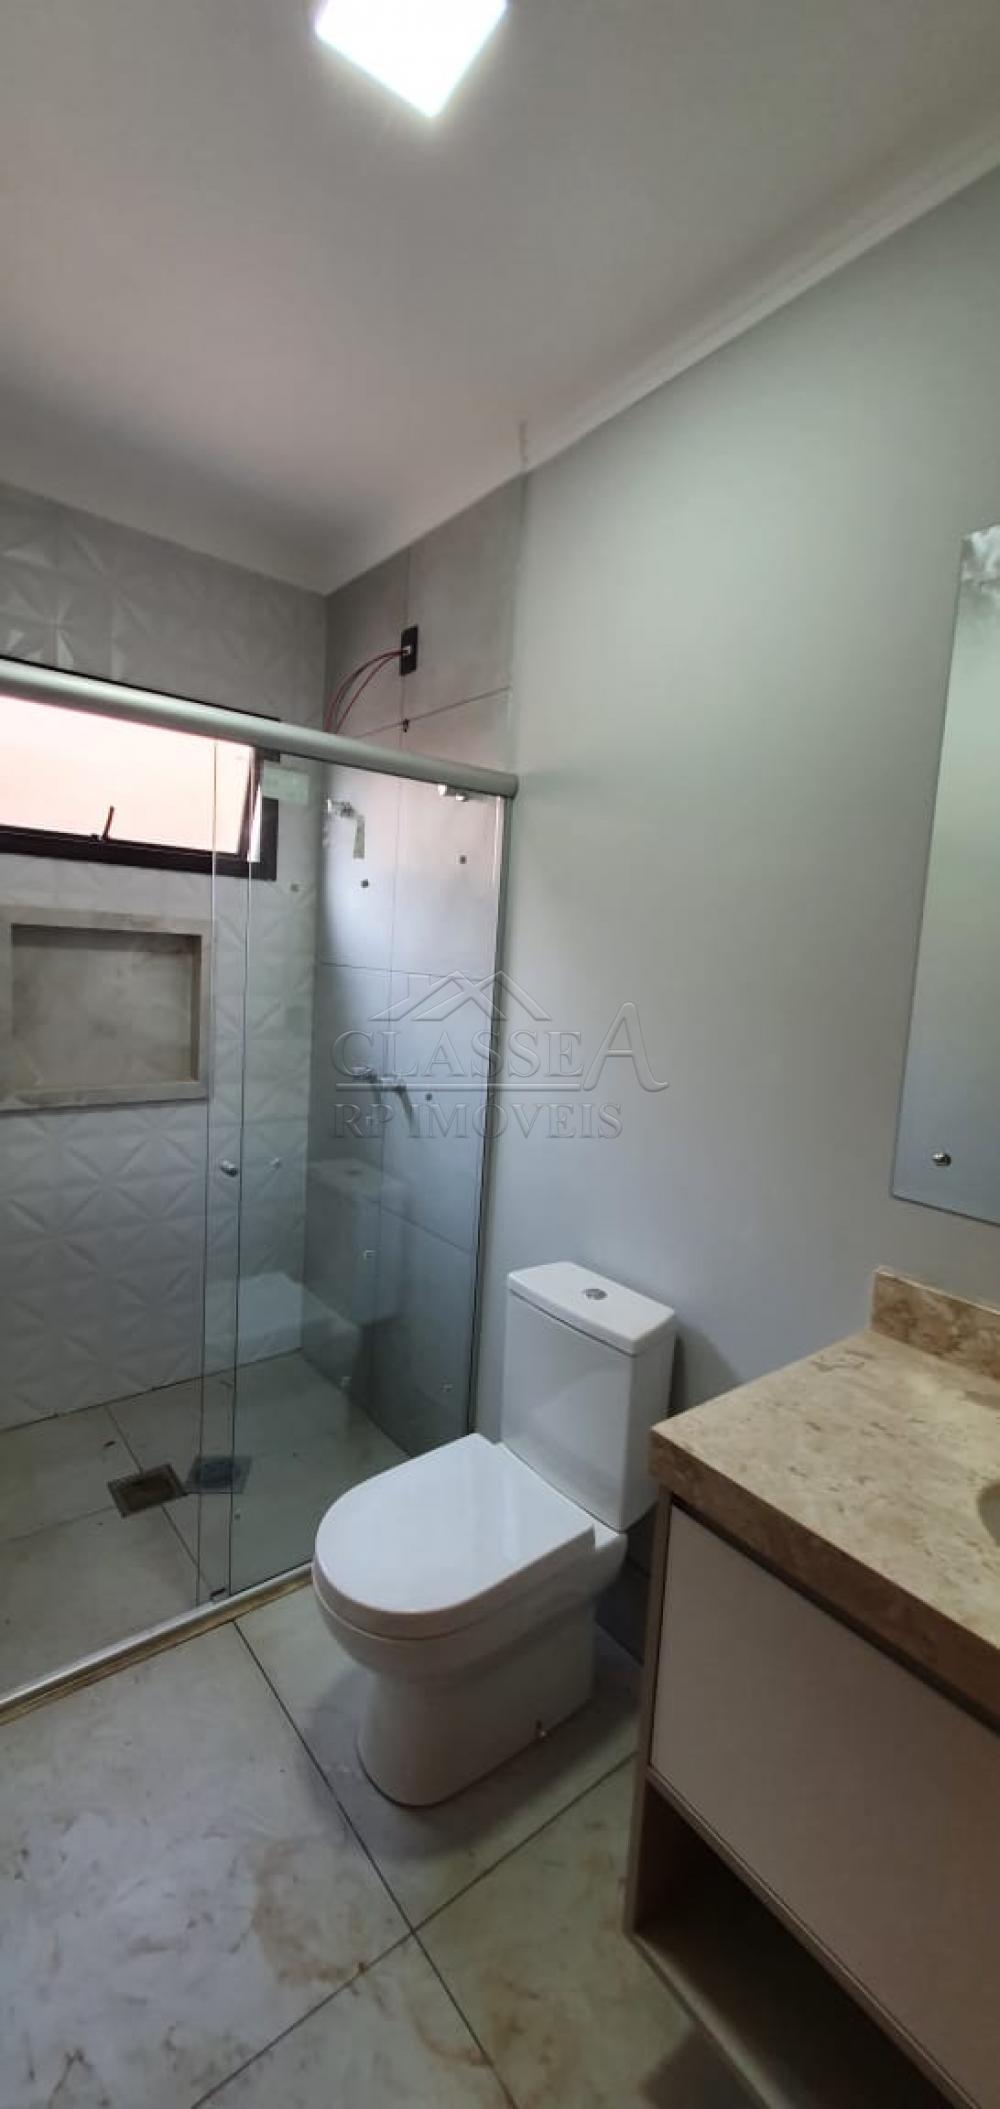 Comprar Casa / Condomínio - térrea em Ribeirão Preto R$ 790.000,00 - Foto 22